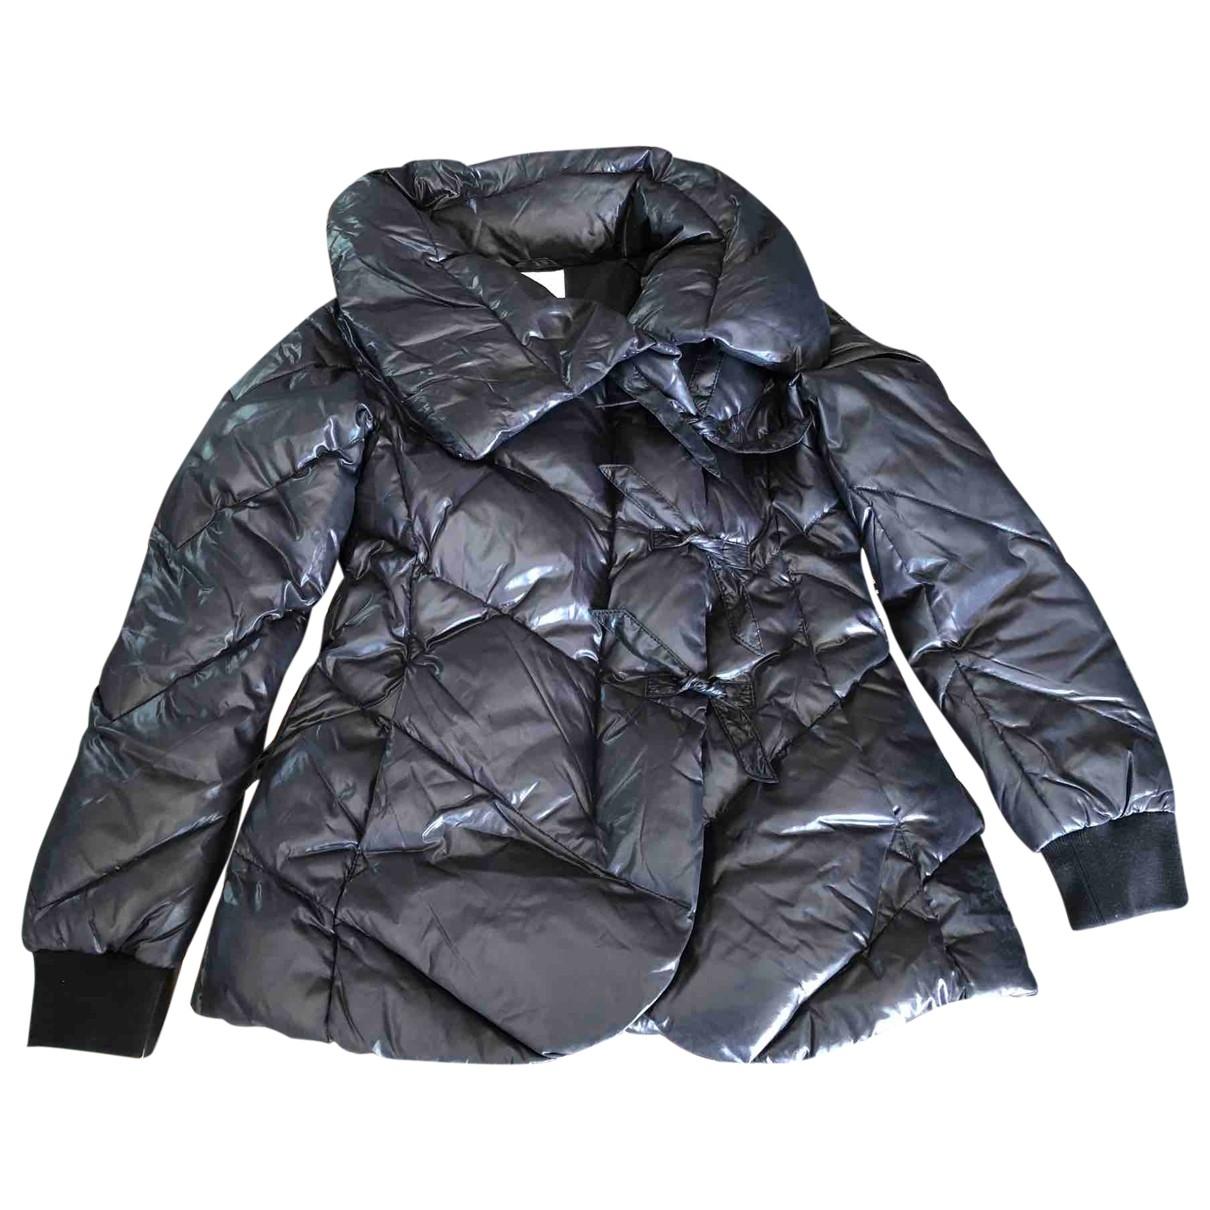 Diesel \N Black jacket & coat for Kids 12 years - XS FR